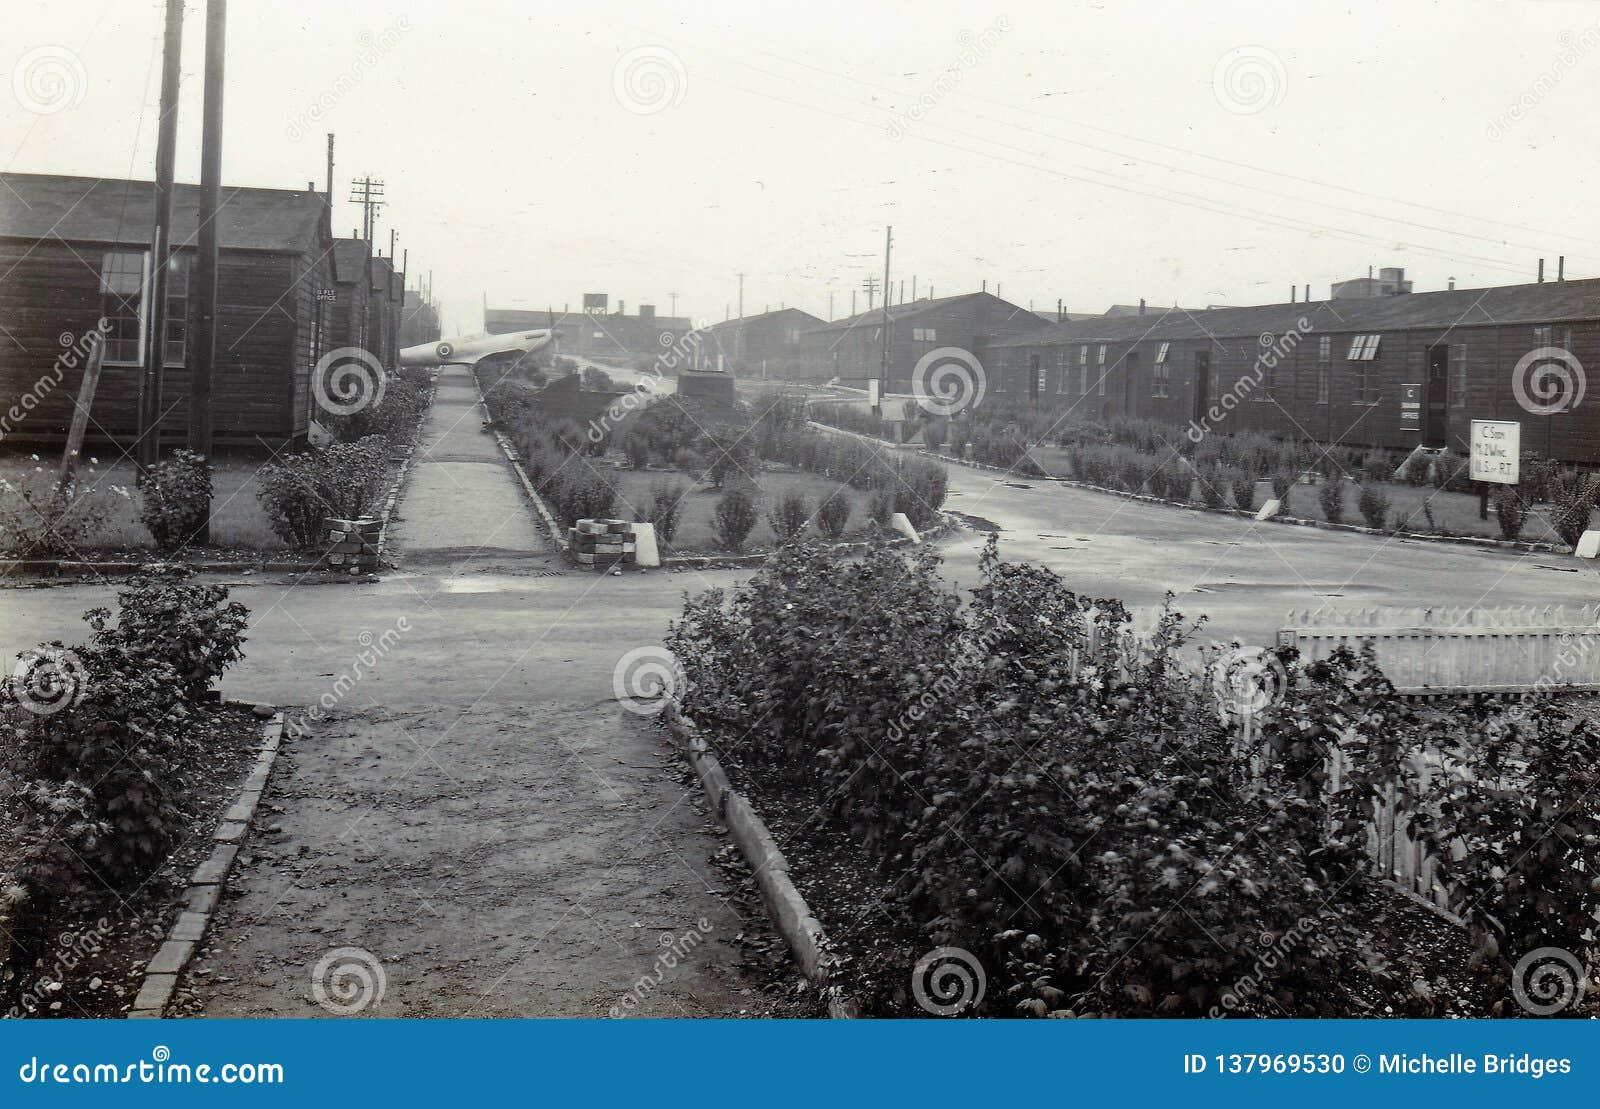 葡萄酒黑白照片皇家空军Hednesford,斯塔福德,英国20世纪50年代入口